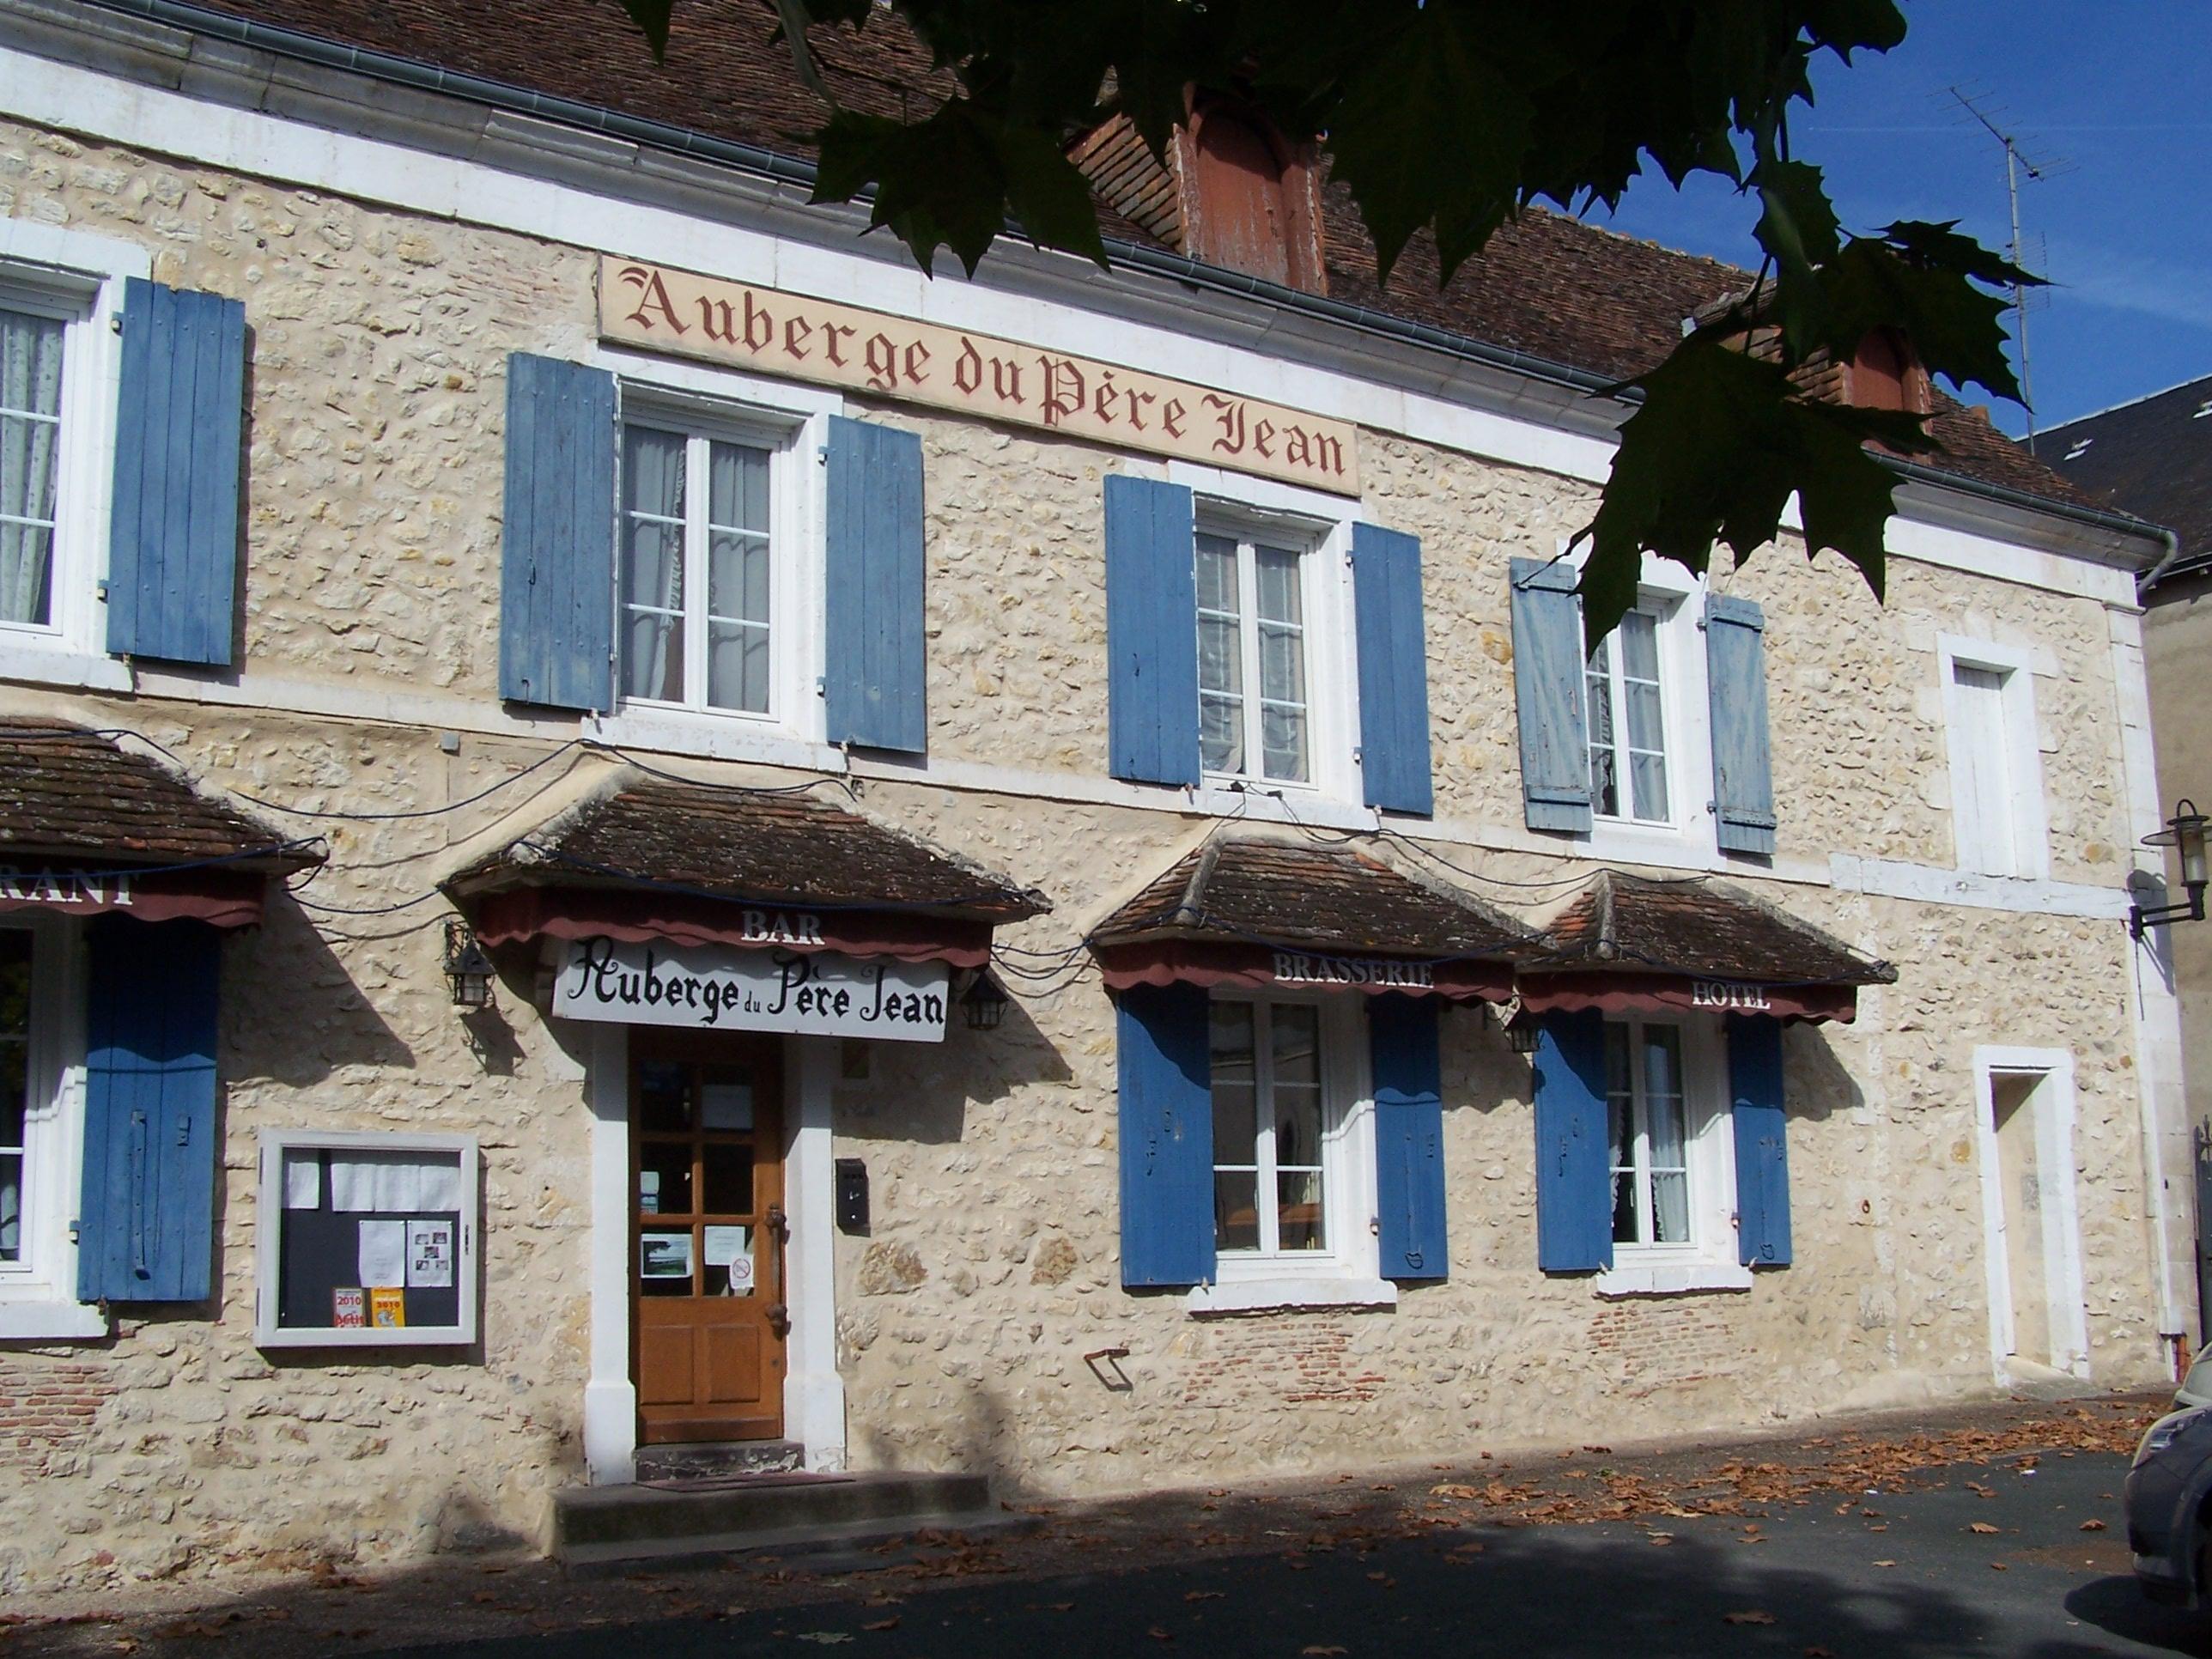 Auberge du Pere Jean